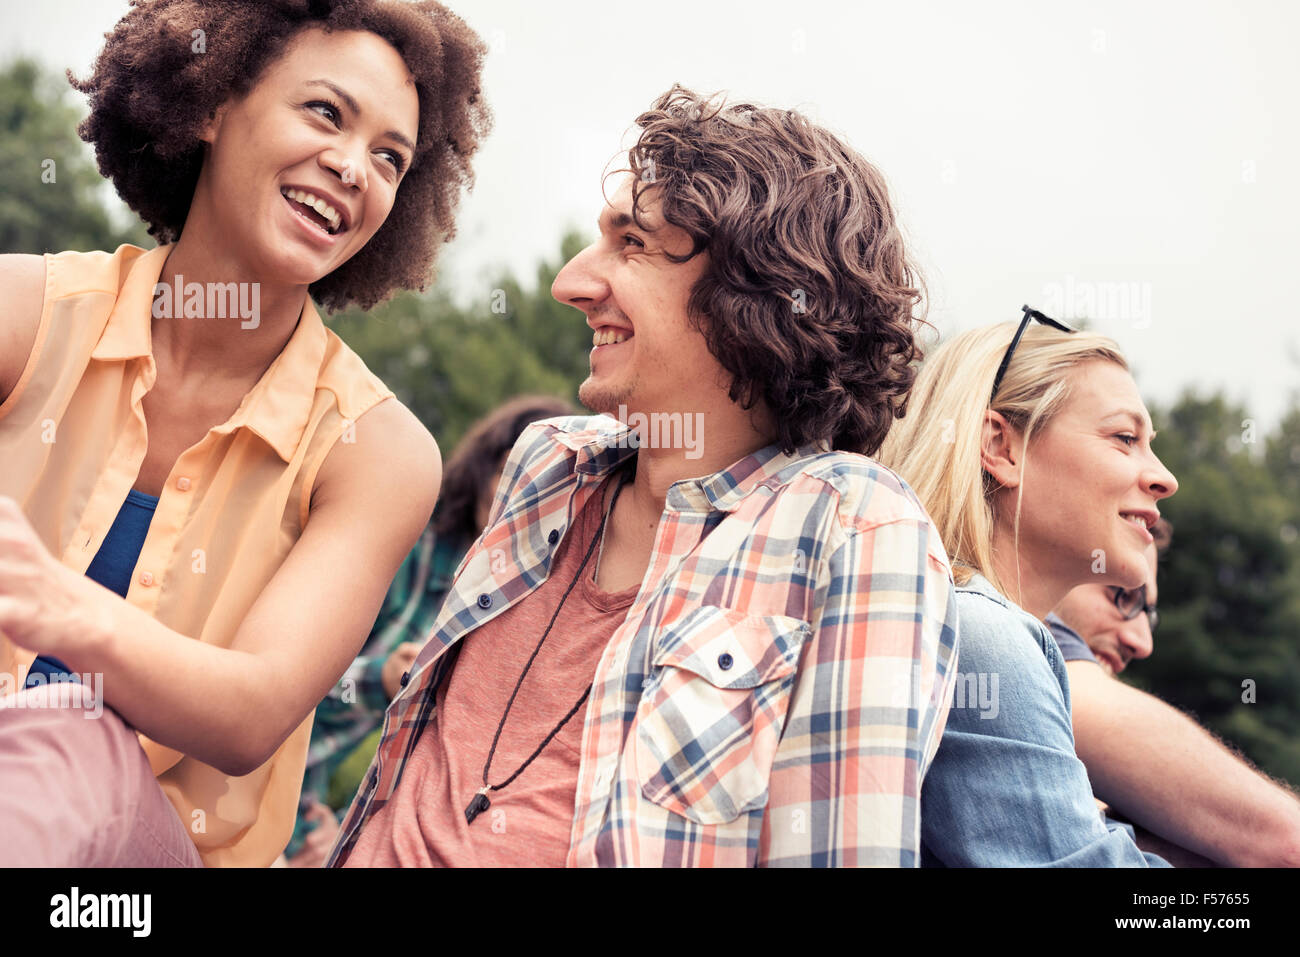 Una joven pareja, un hombre y una mujer, entre otros al aire libre en el campo. Imagen De Stock